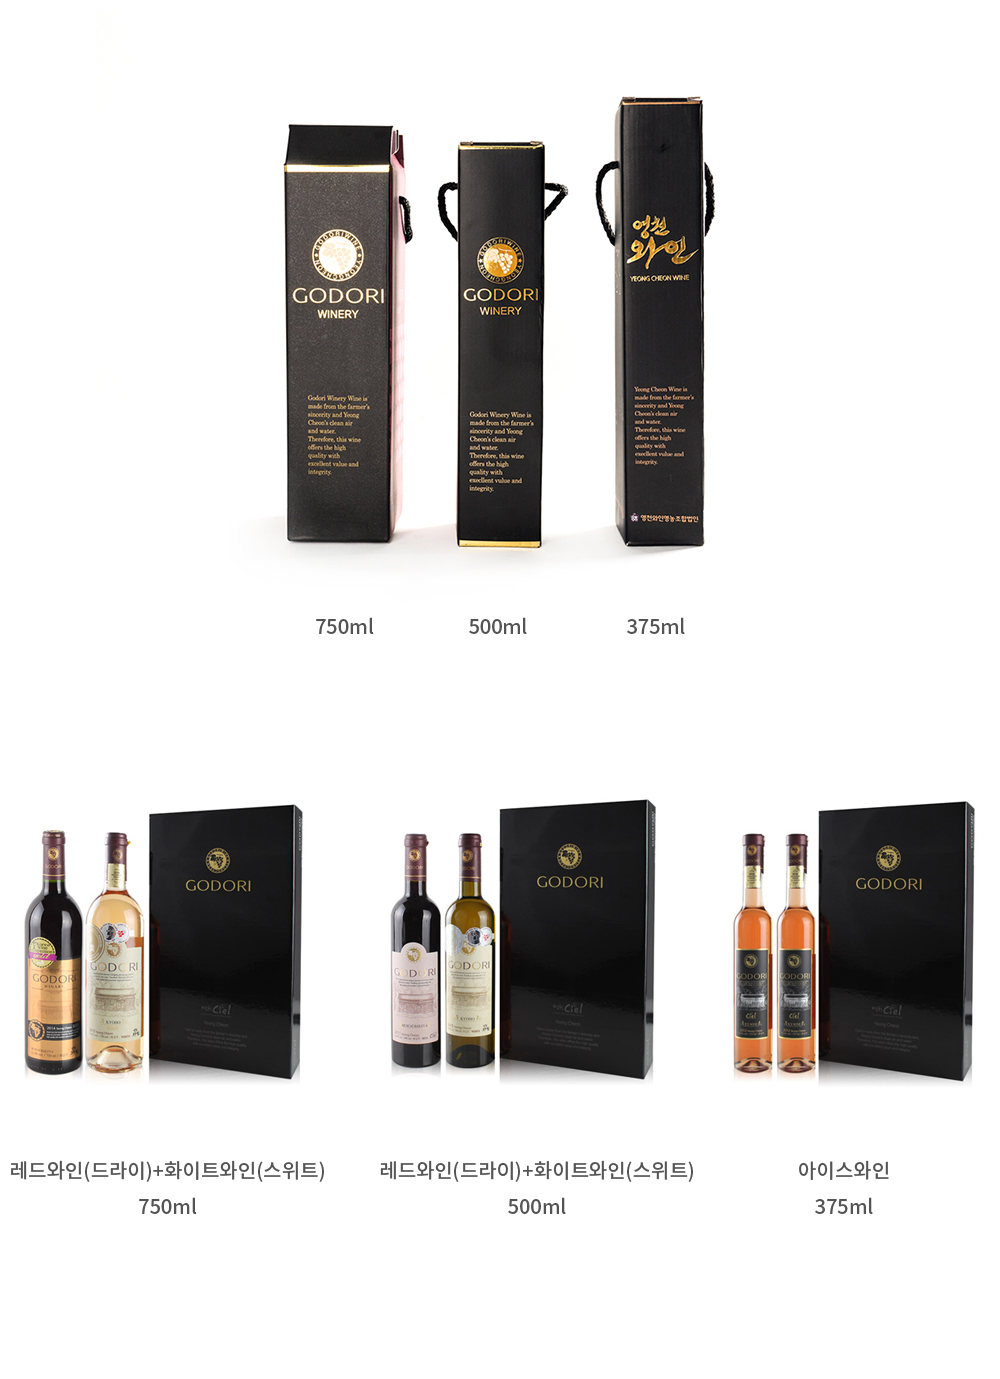 고도리 와인.jpg